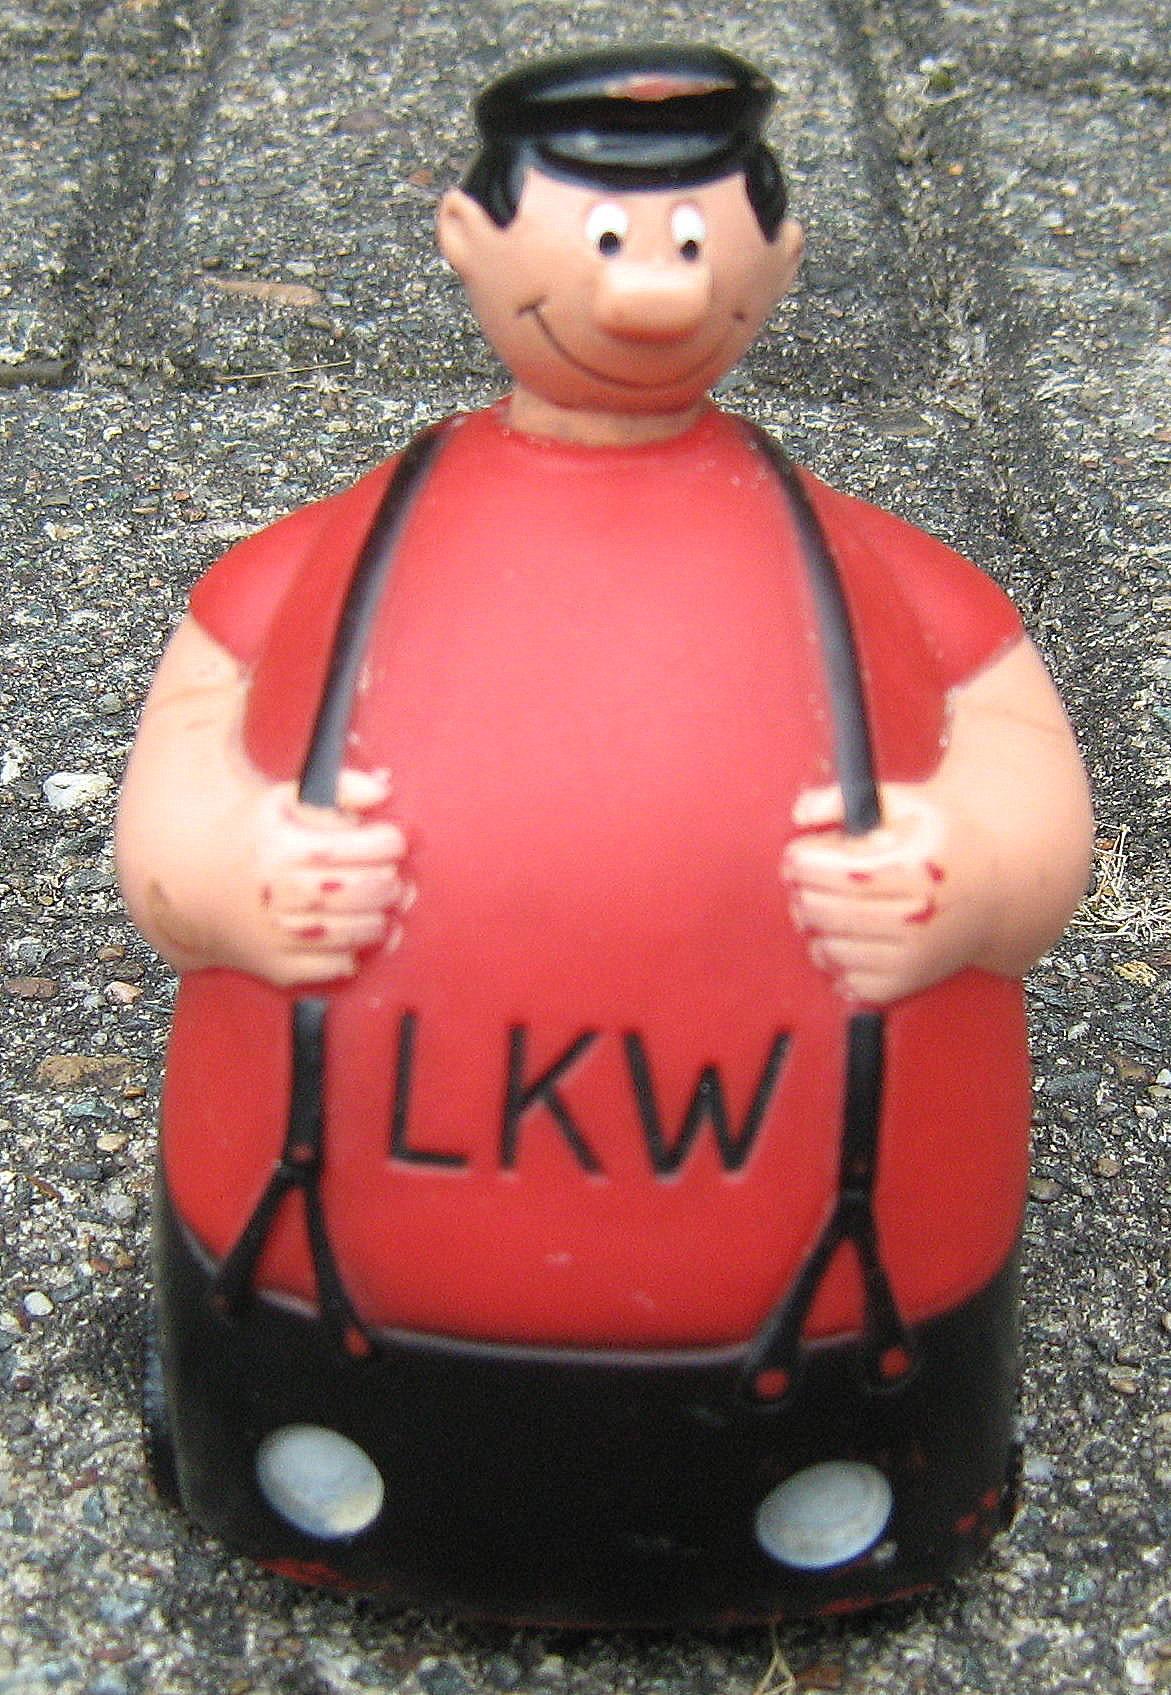 Benutzer:elkawe/der fernfahrer – wikipedia